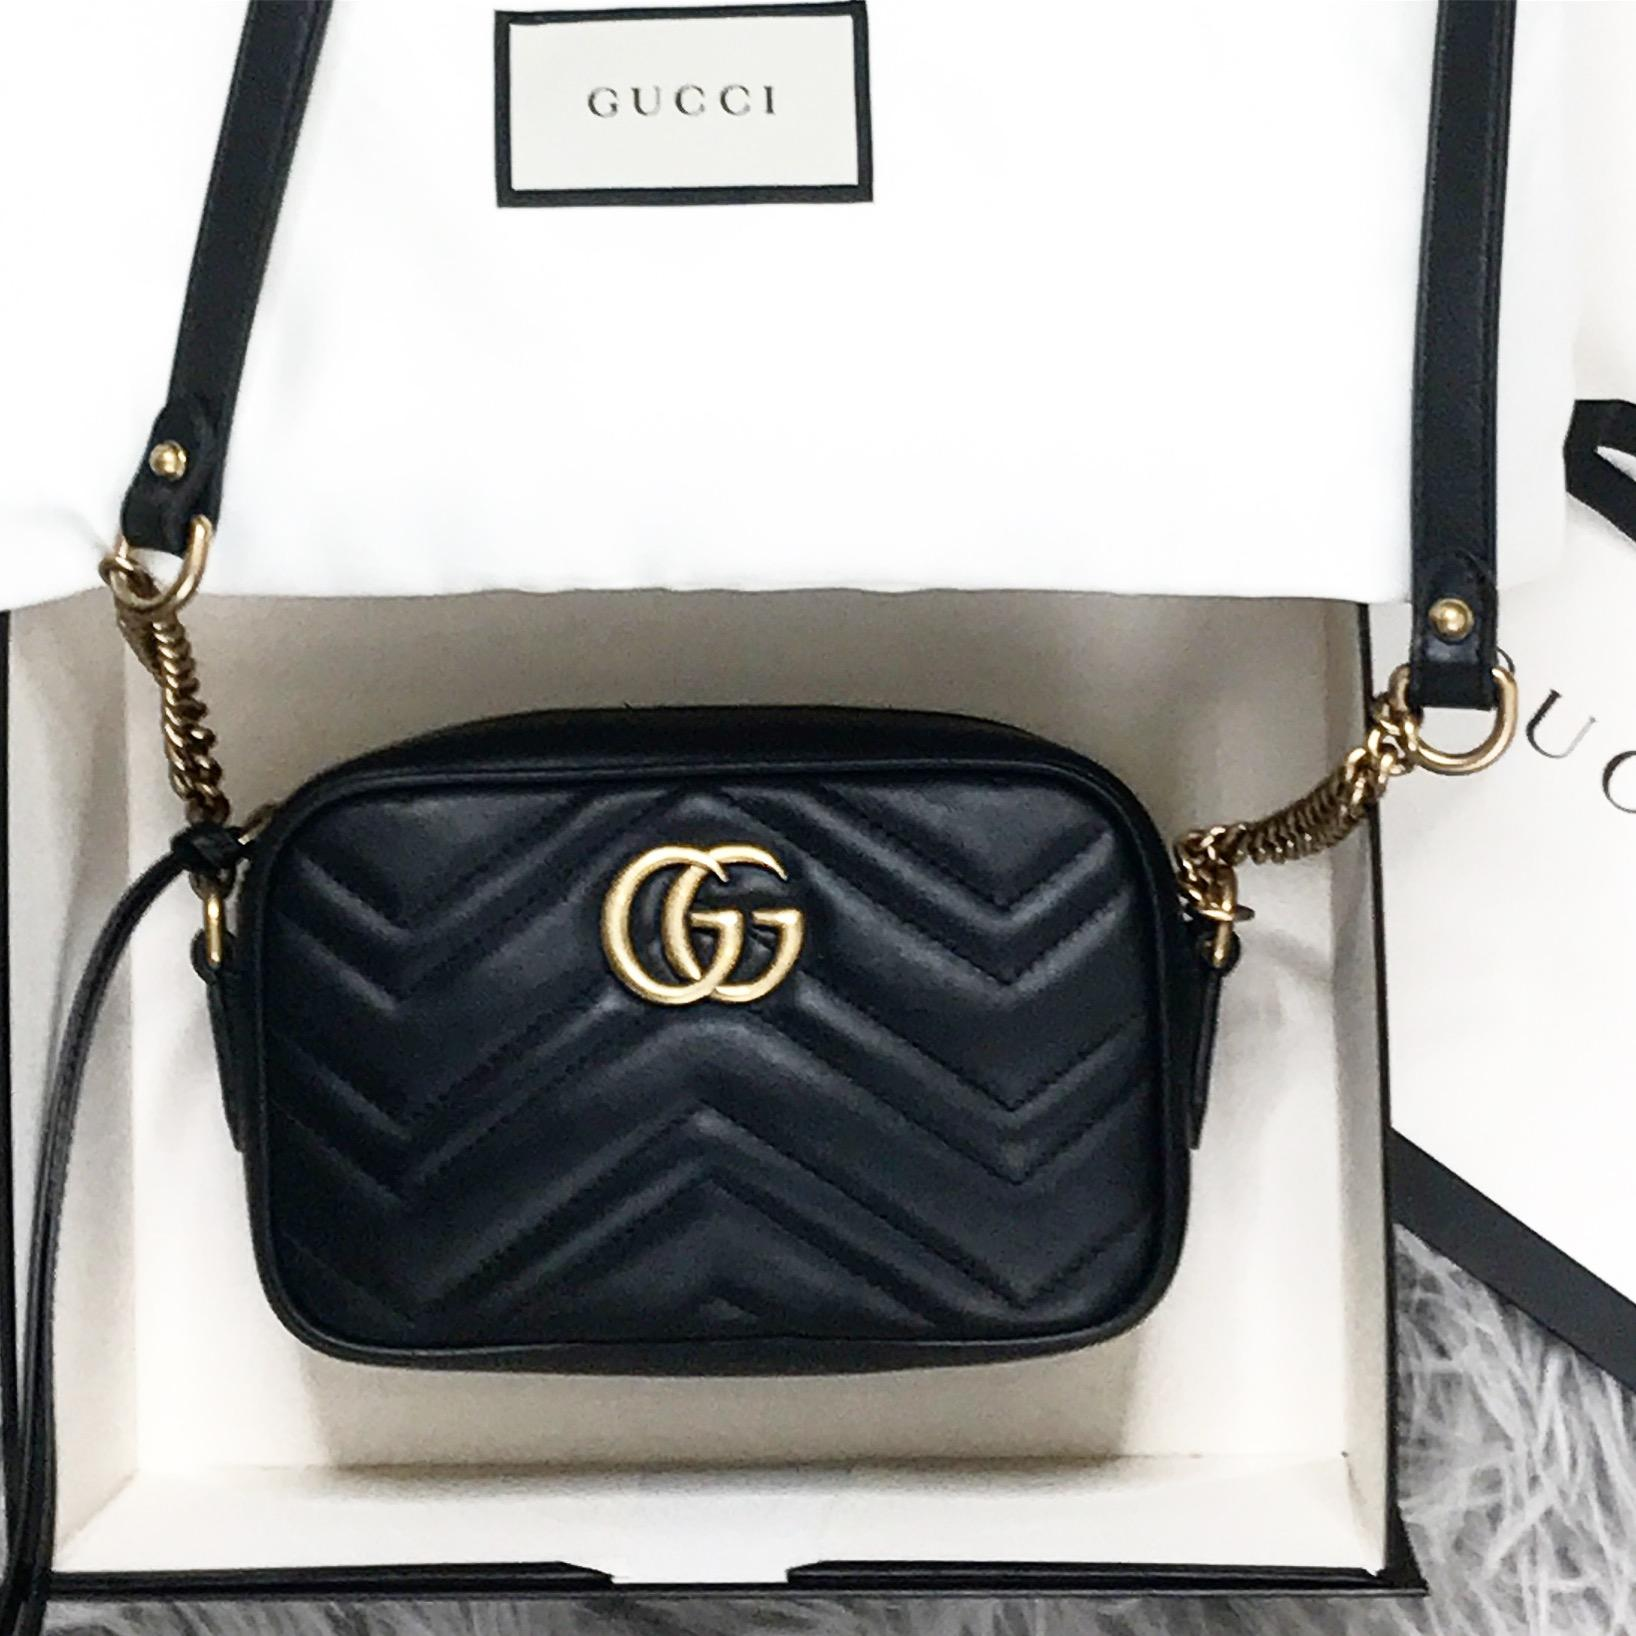 c706a94abd2 Gucci Marmont Matelassé Mini Bag Review - I Heart Cosmetics